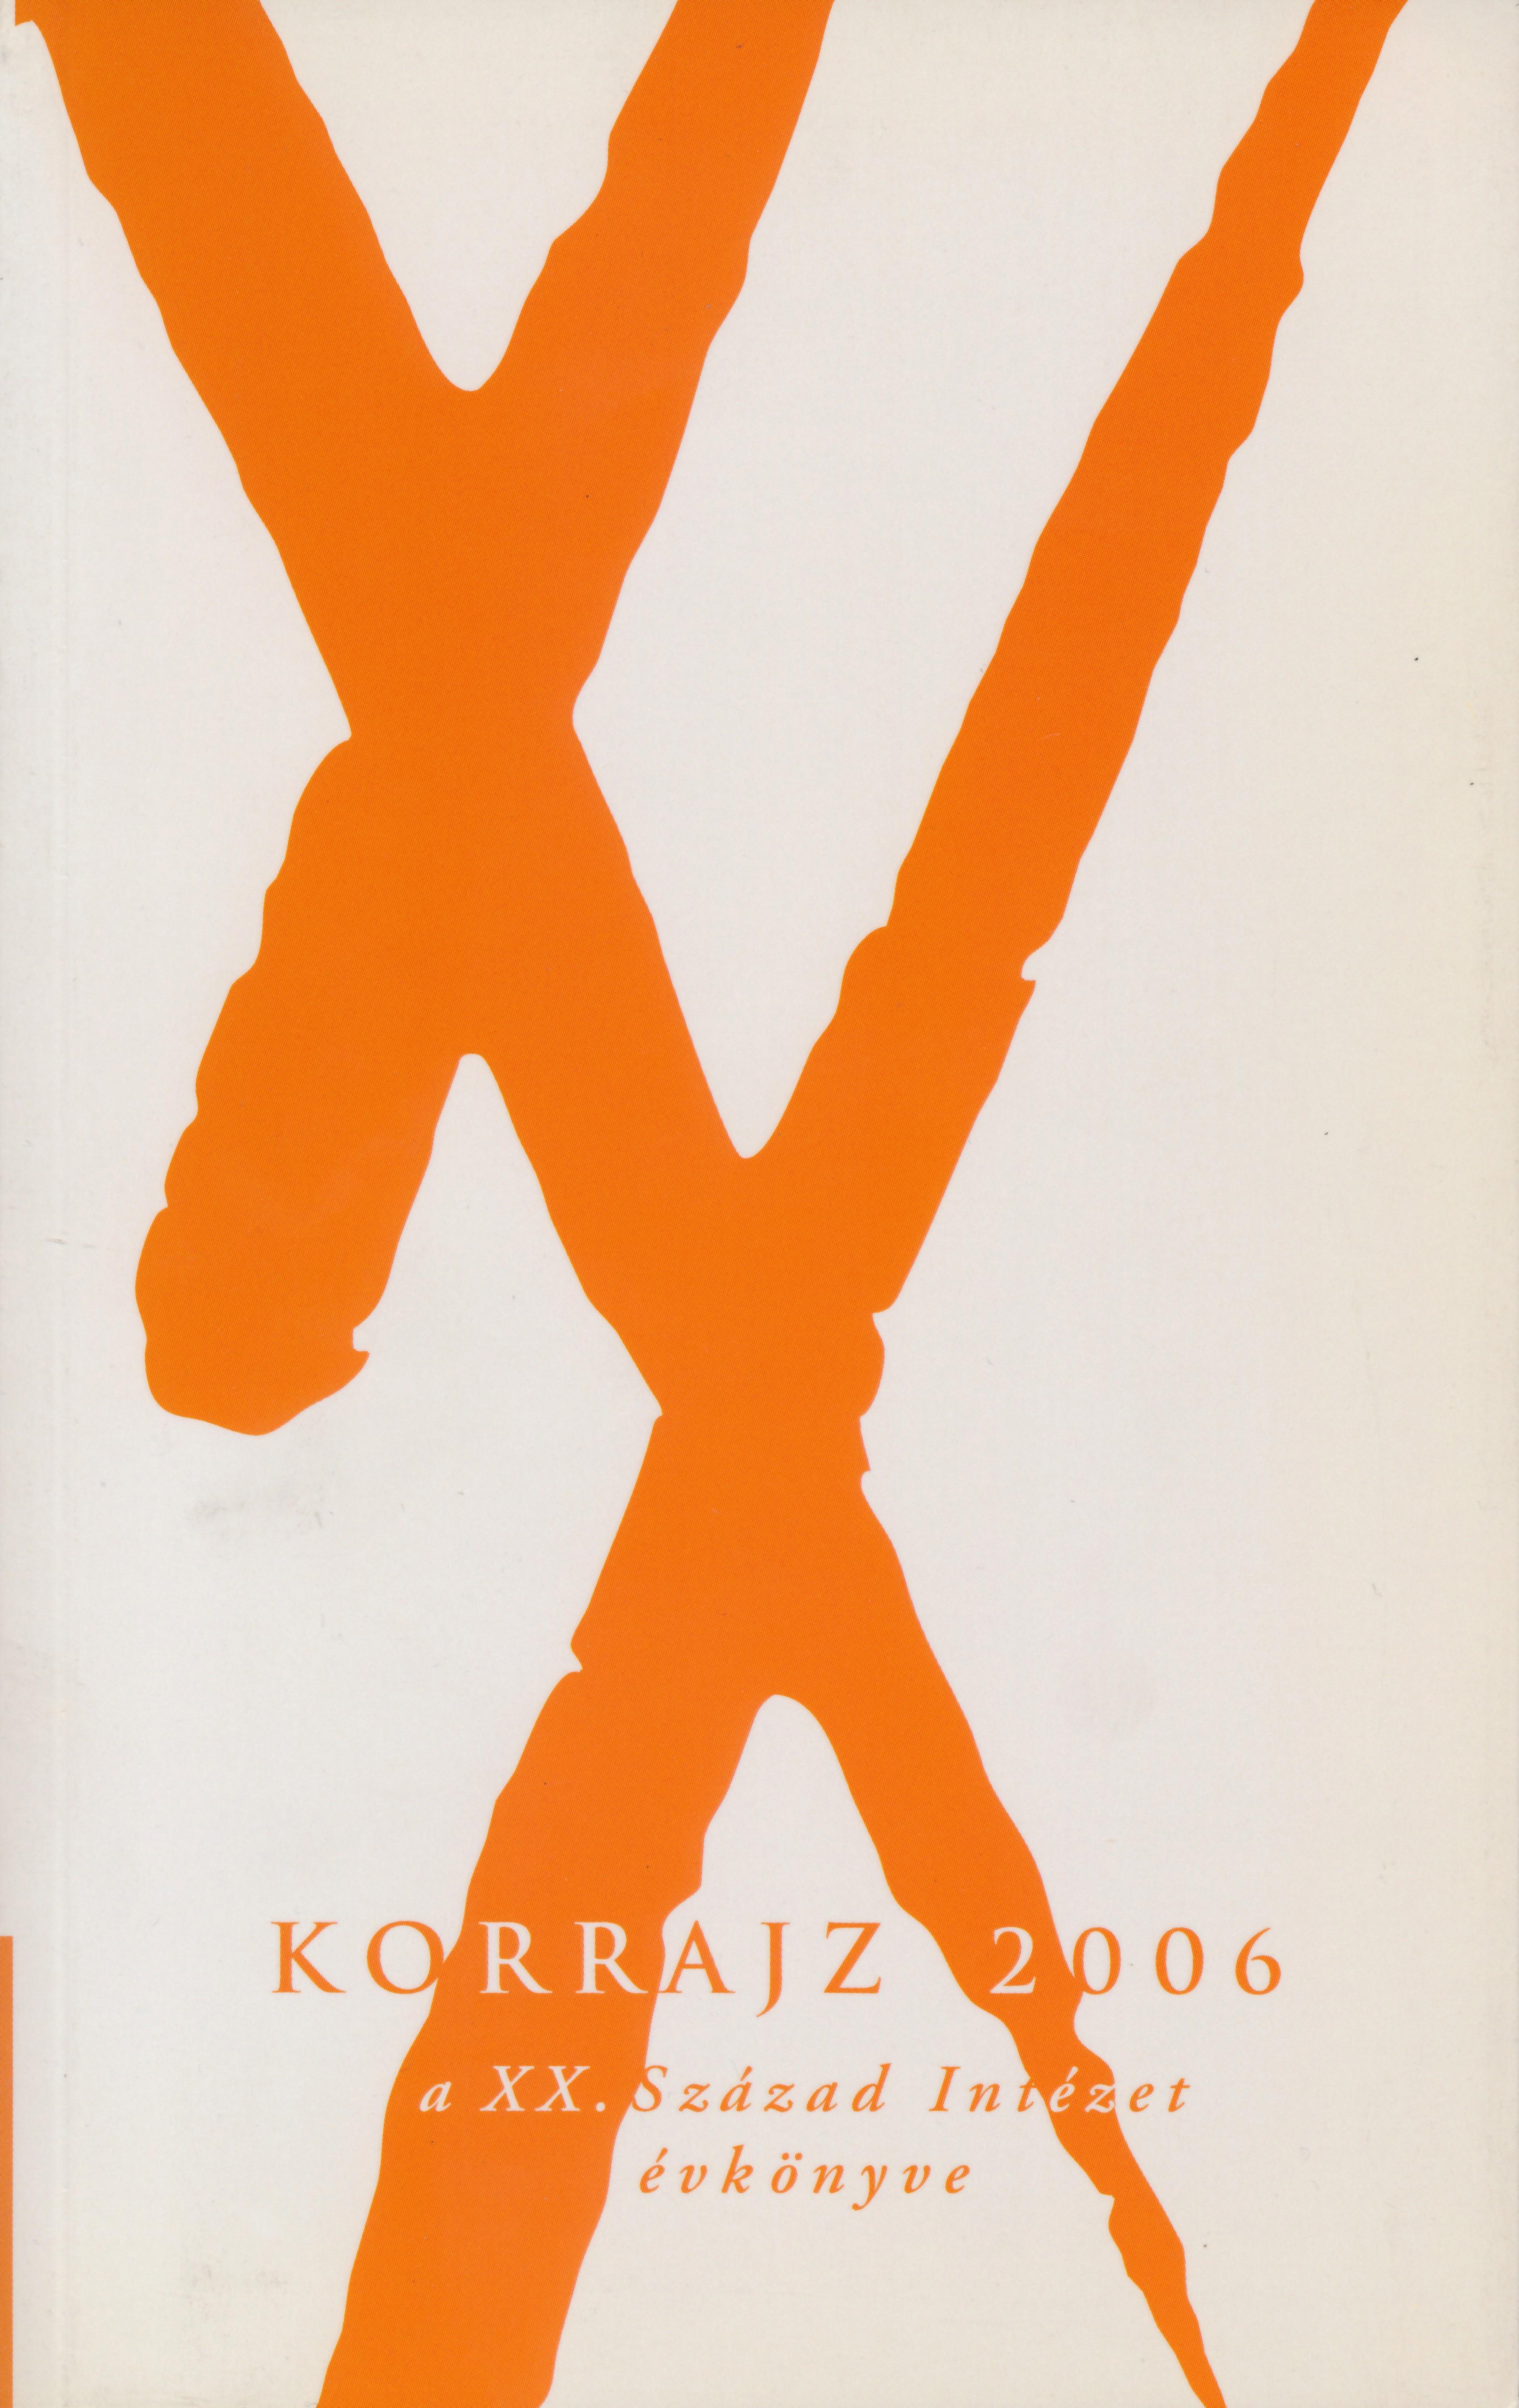 Korrajz 2006 – A XX. Század Intézetének évkönyve